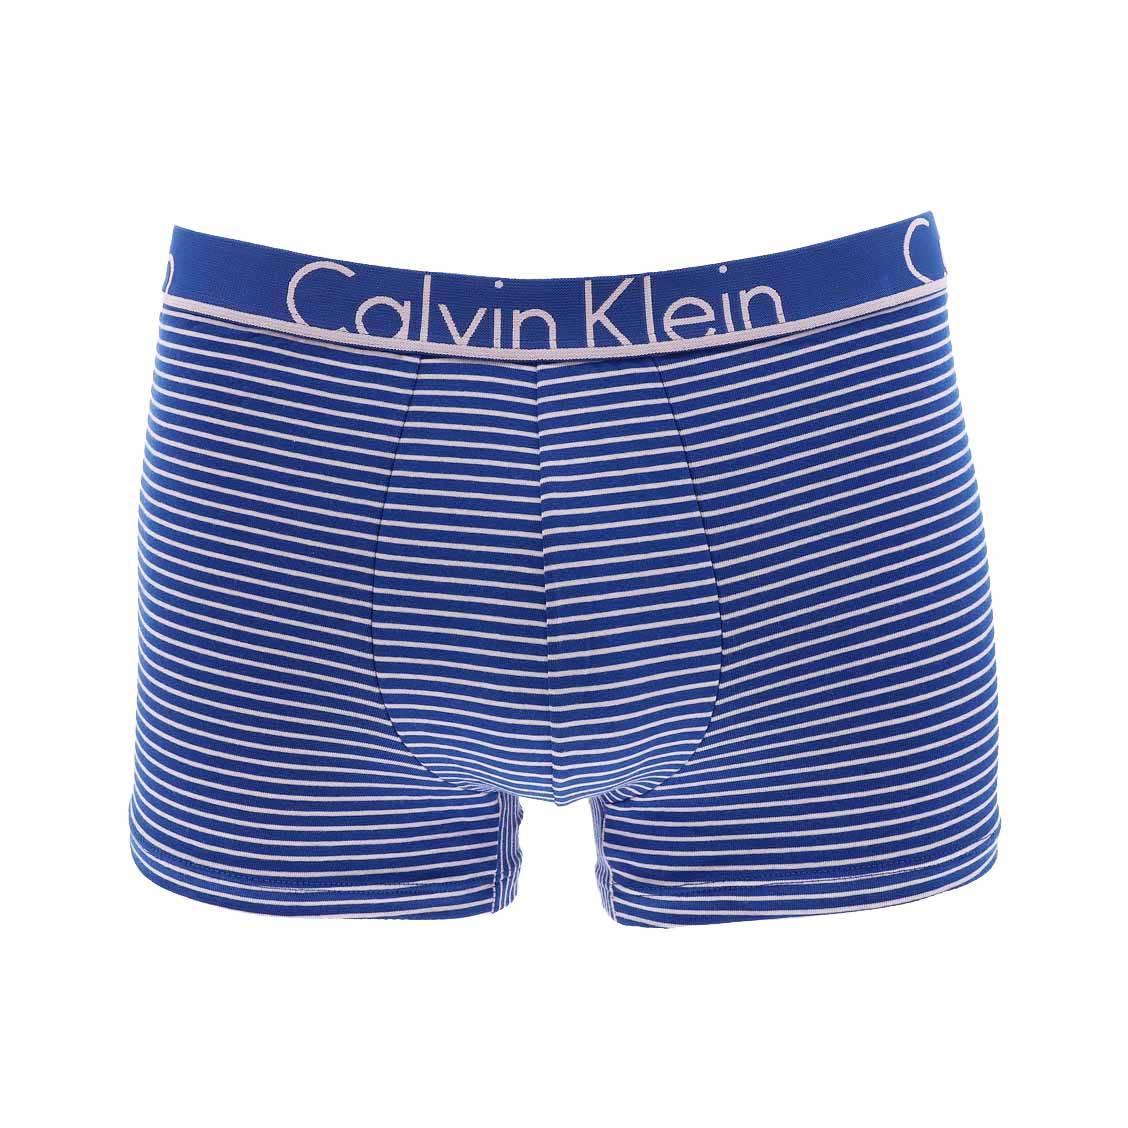 Boxer calvin klein en coton stretch bleu pétrole à rayures rose pâle